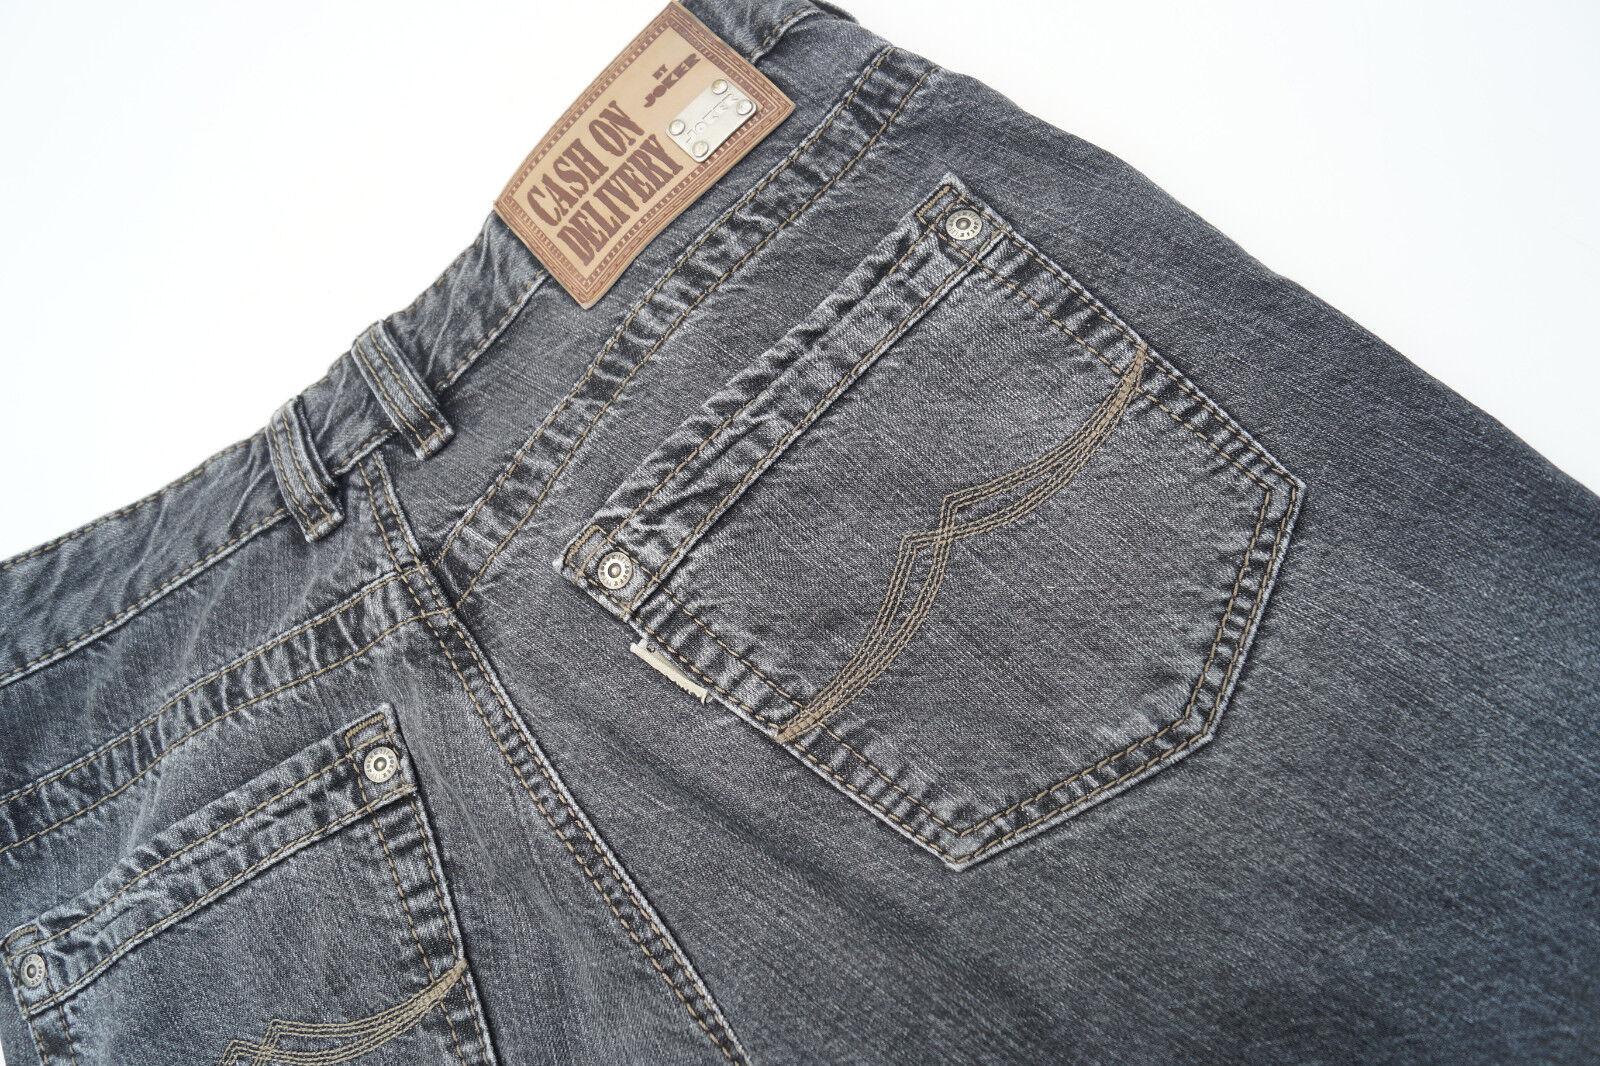 Cash on Delivery JOKER Herren Hose Jeans 32 32 W32 L32 stone wash grau TOP  96  | Sofortige Lieferung